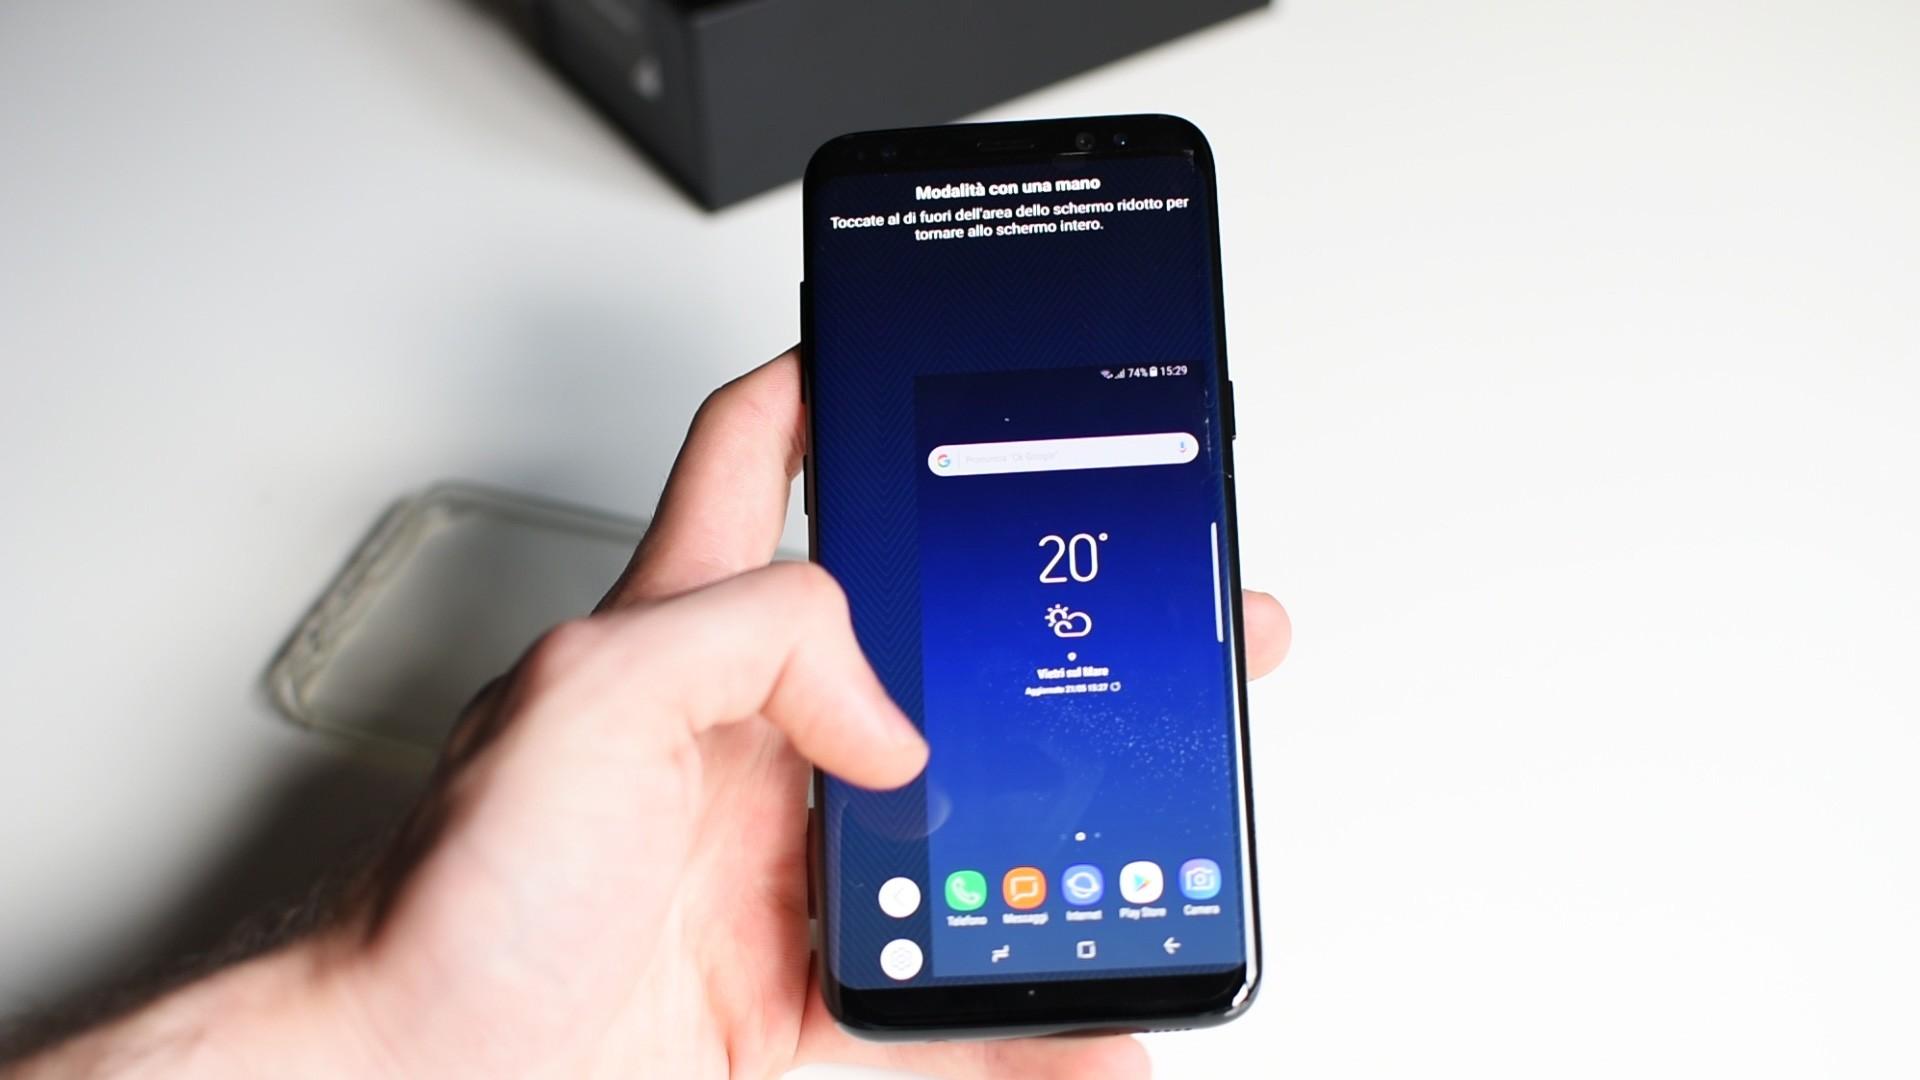 Migliori smartphone – Huawei P10 vs Samsung Galaxy S8: hardware e dettagli con foto!